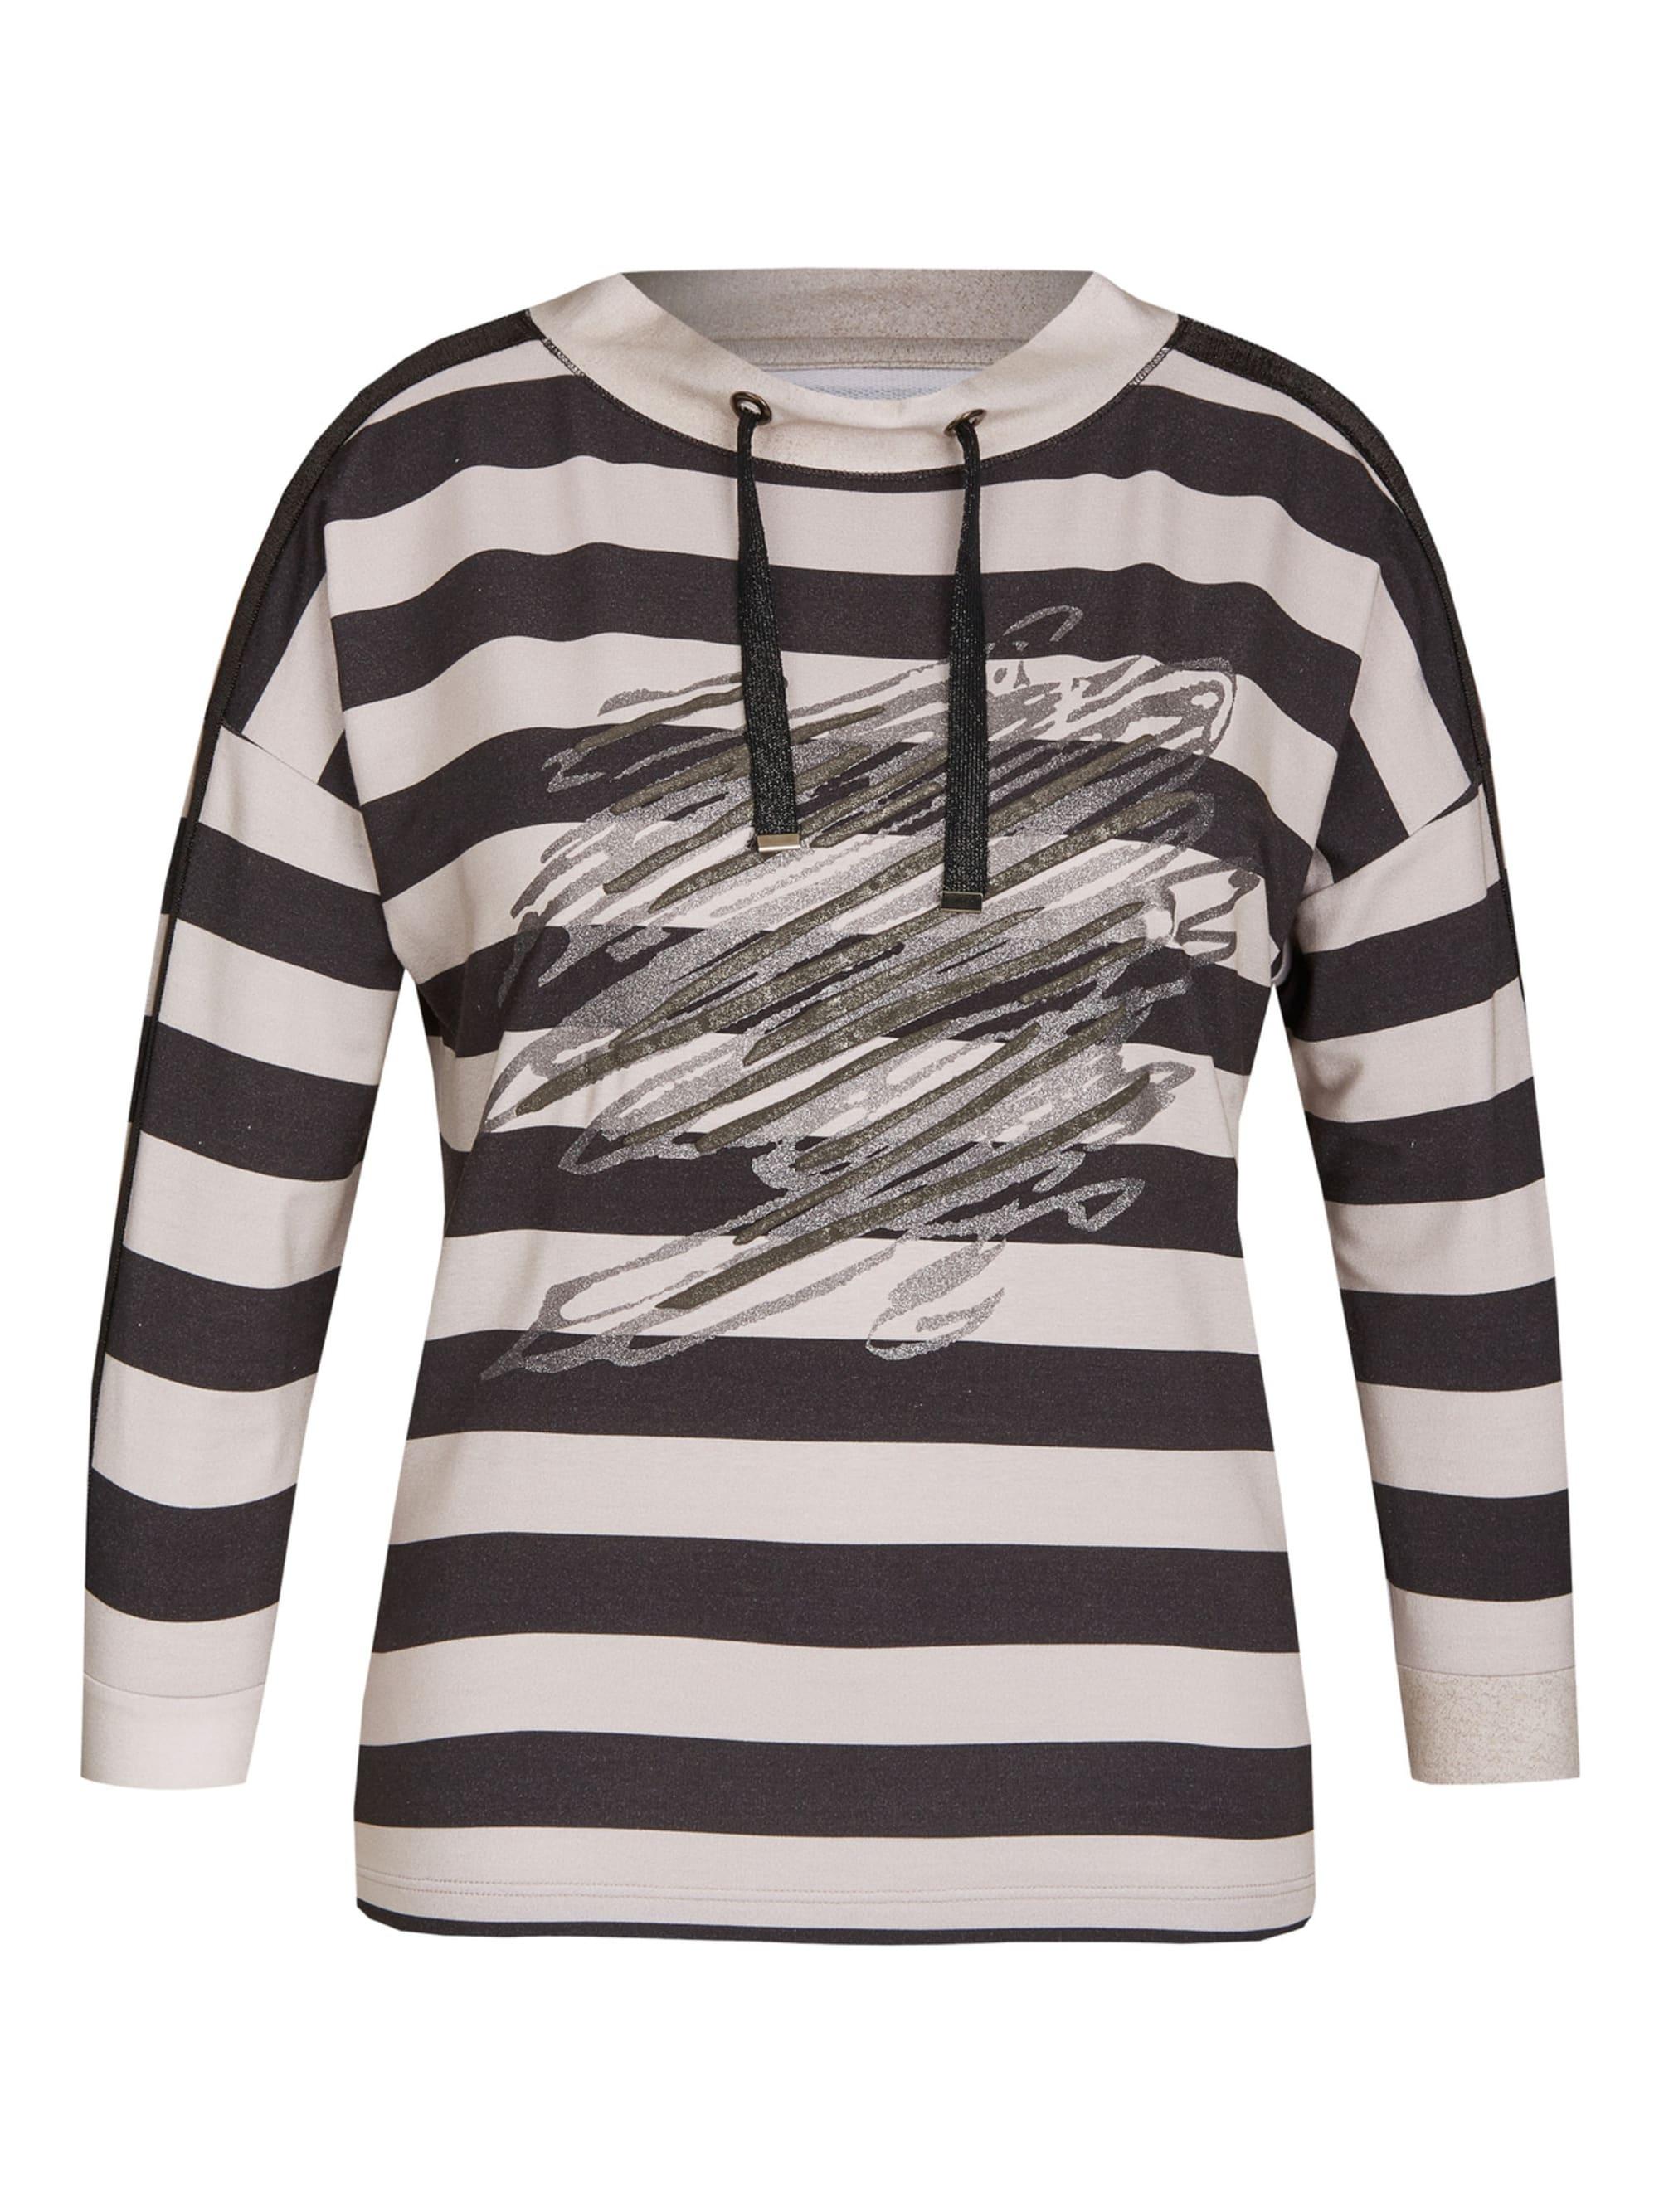 Rabe Shirt mit Ringelmuster und schimmernden Effekten lNiVa m9NtX